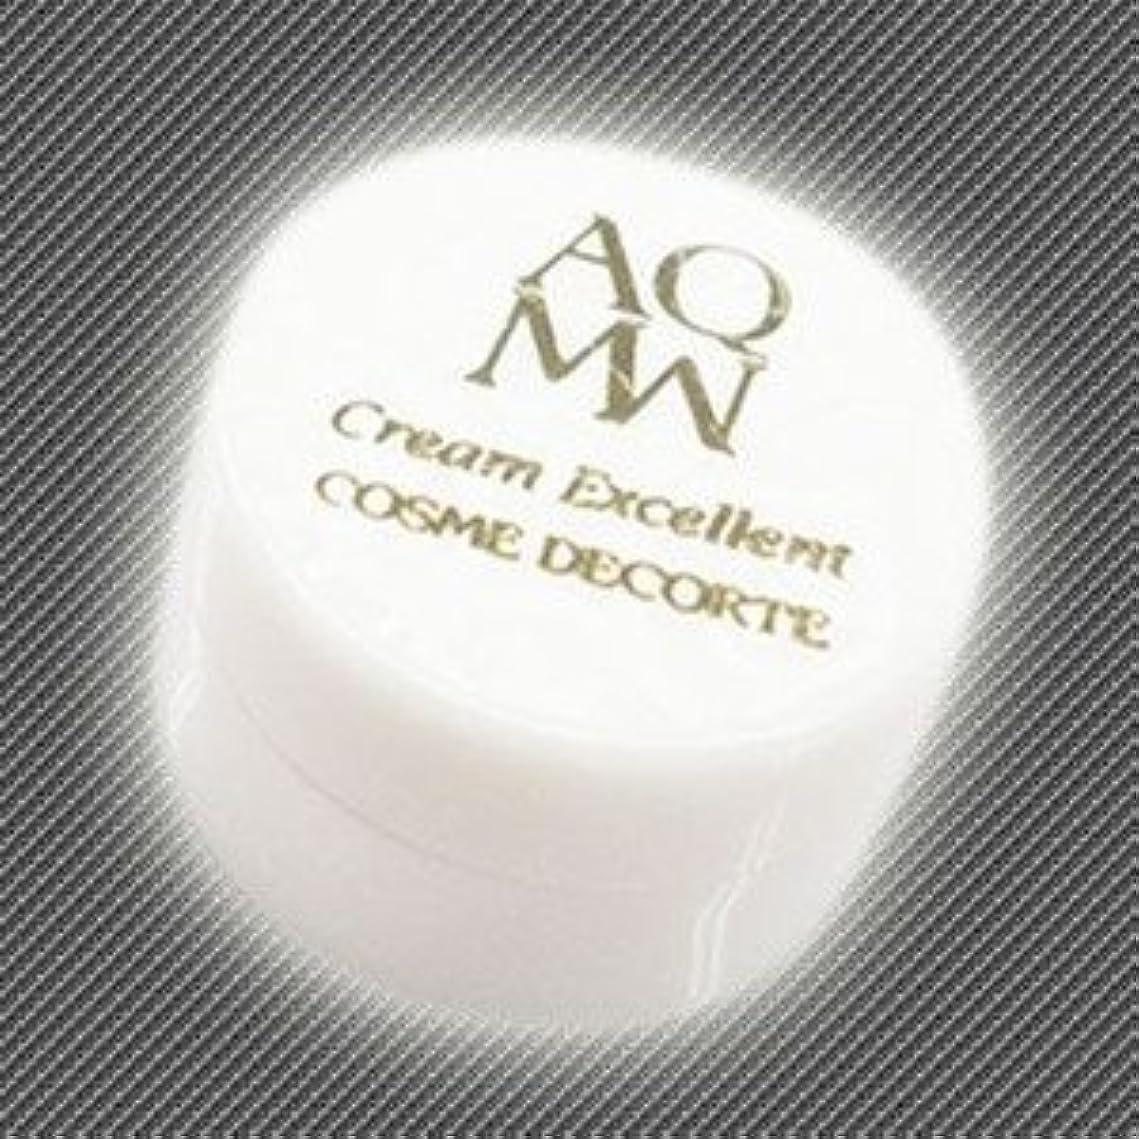 触覚ミス反逆者コスメデコルテ AQ MW クリームエクセレント 2.4ml(ミニ)